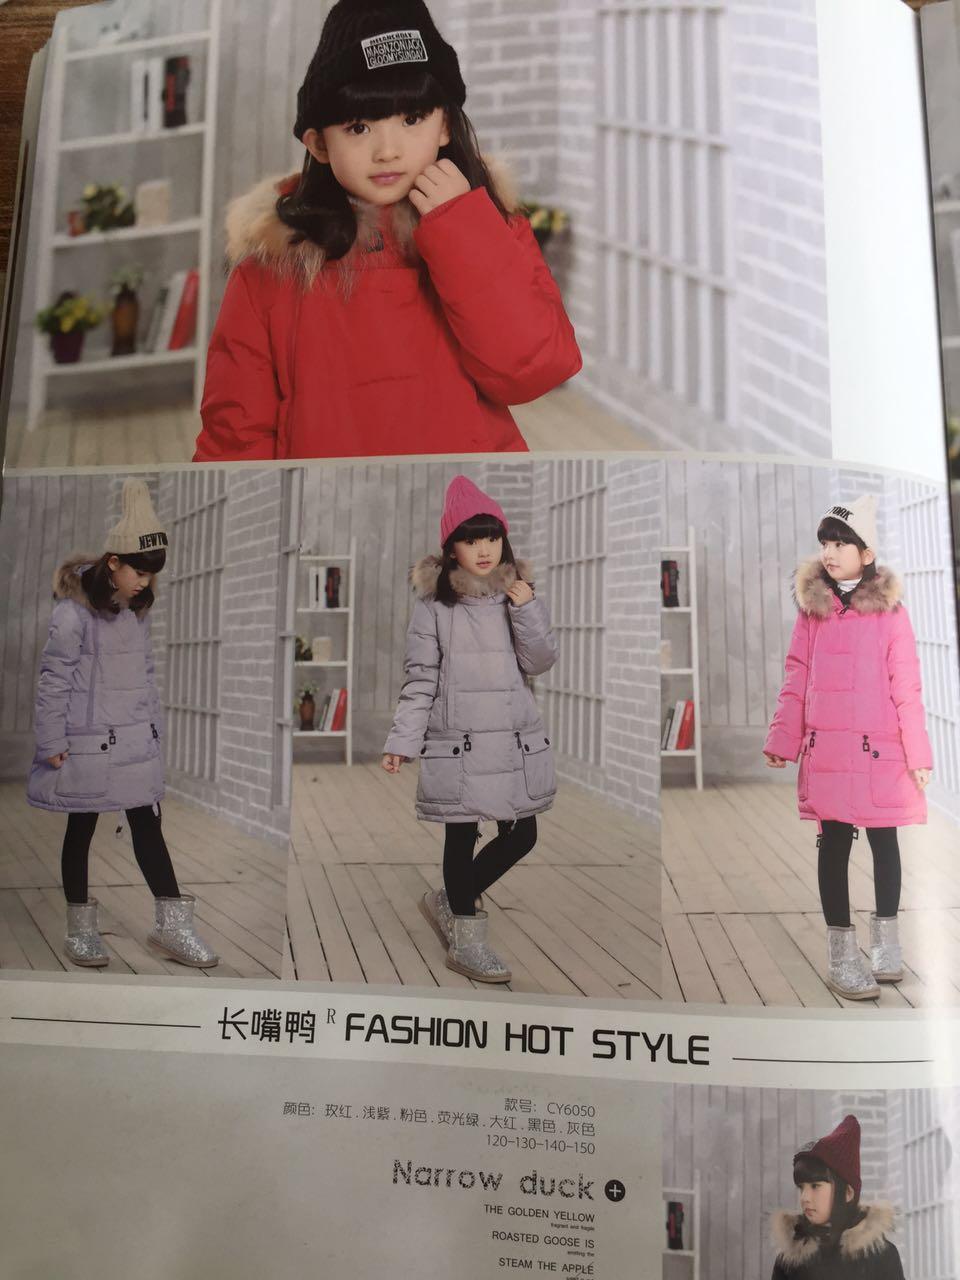 北京最便宜的批发毛衣的地方在哪里?精品毛衣特价批发,羽绒类10元起.  便宜批发童装到中老年装